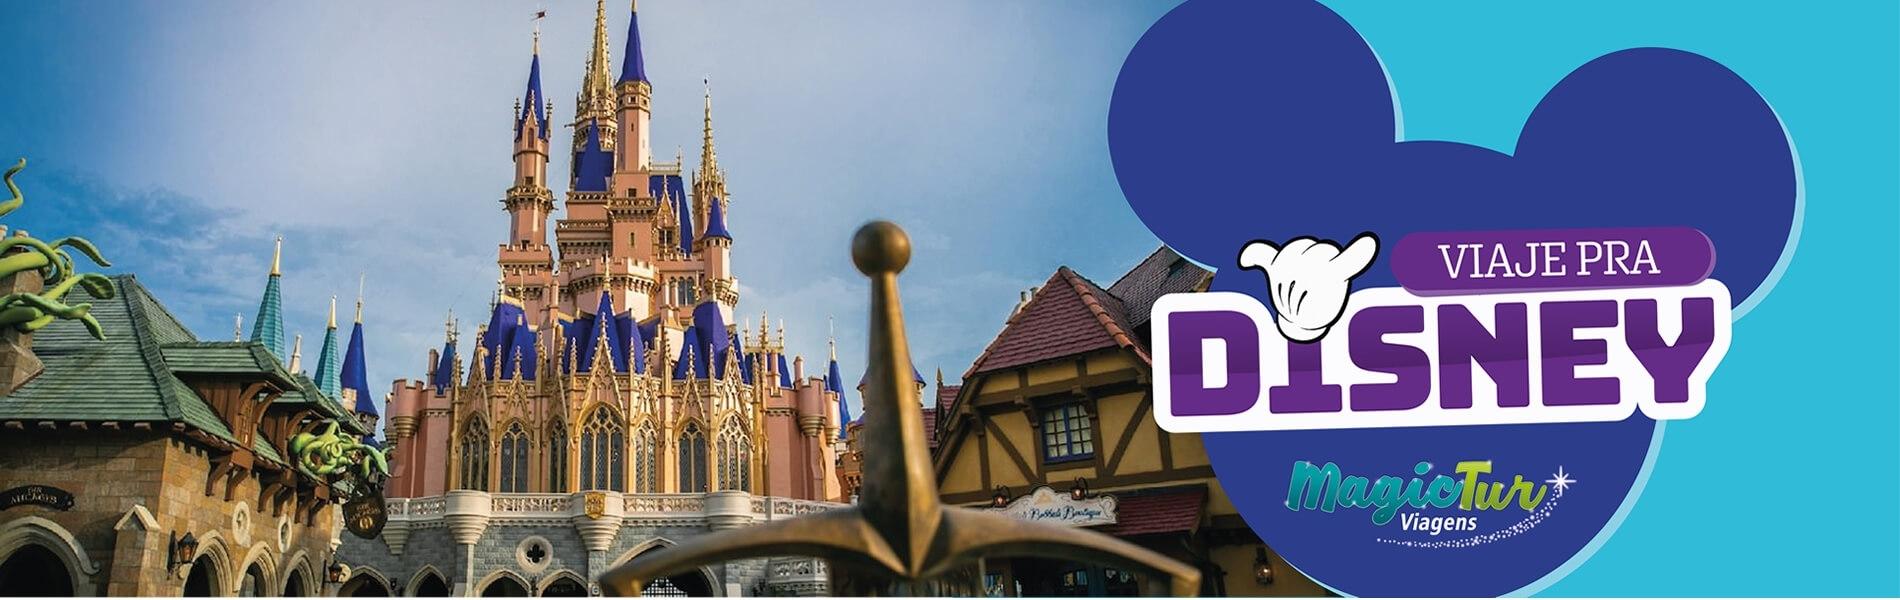 Viaje pra Disney - Disney e Universal - Magictur Viagens